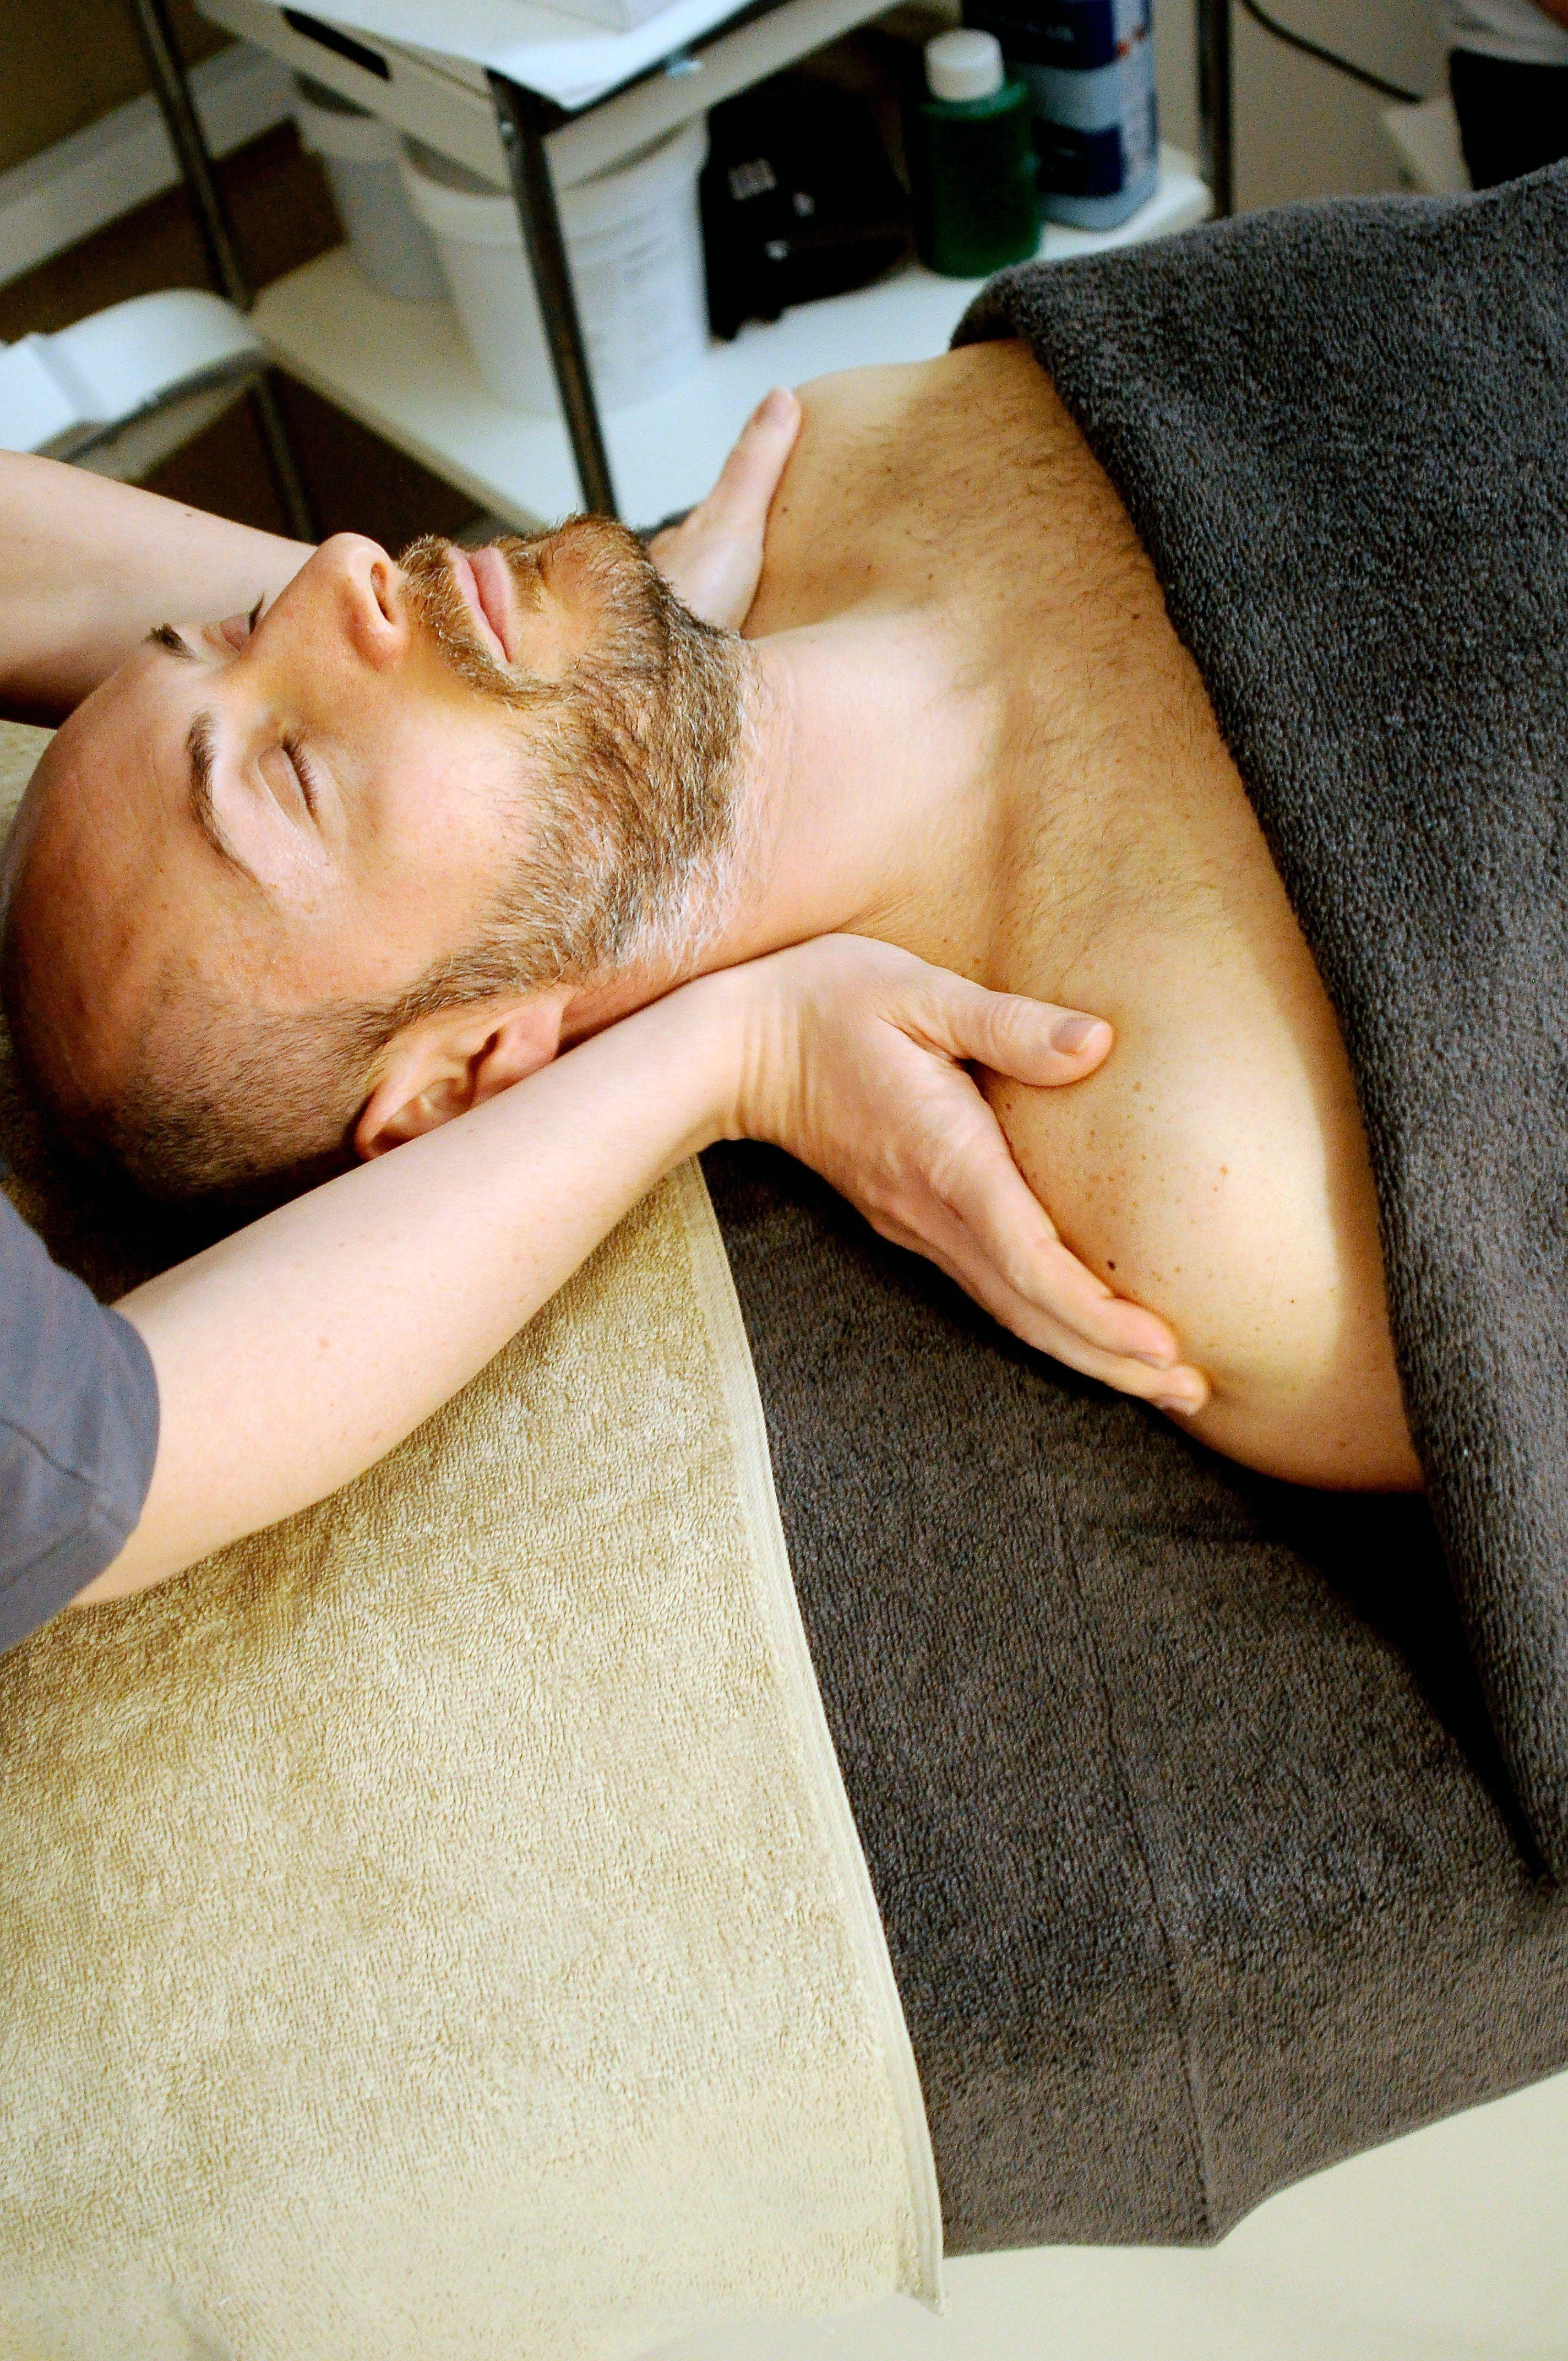 Môžeš sa pri tantrickej masáži dotknúť masérky? Je bežné, že človek dosiahne orgazmus? Opýtali sme sa profesionálky (Rozhovor)